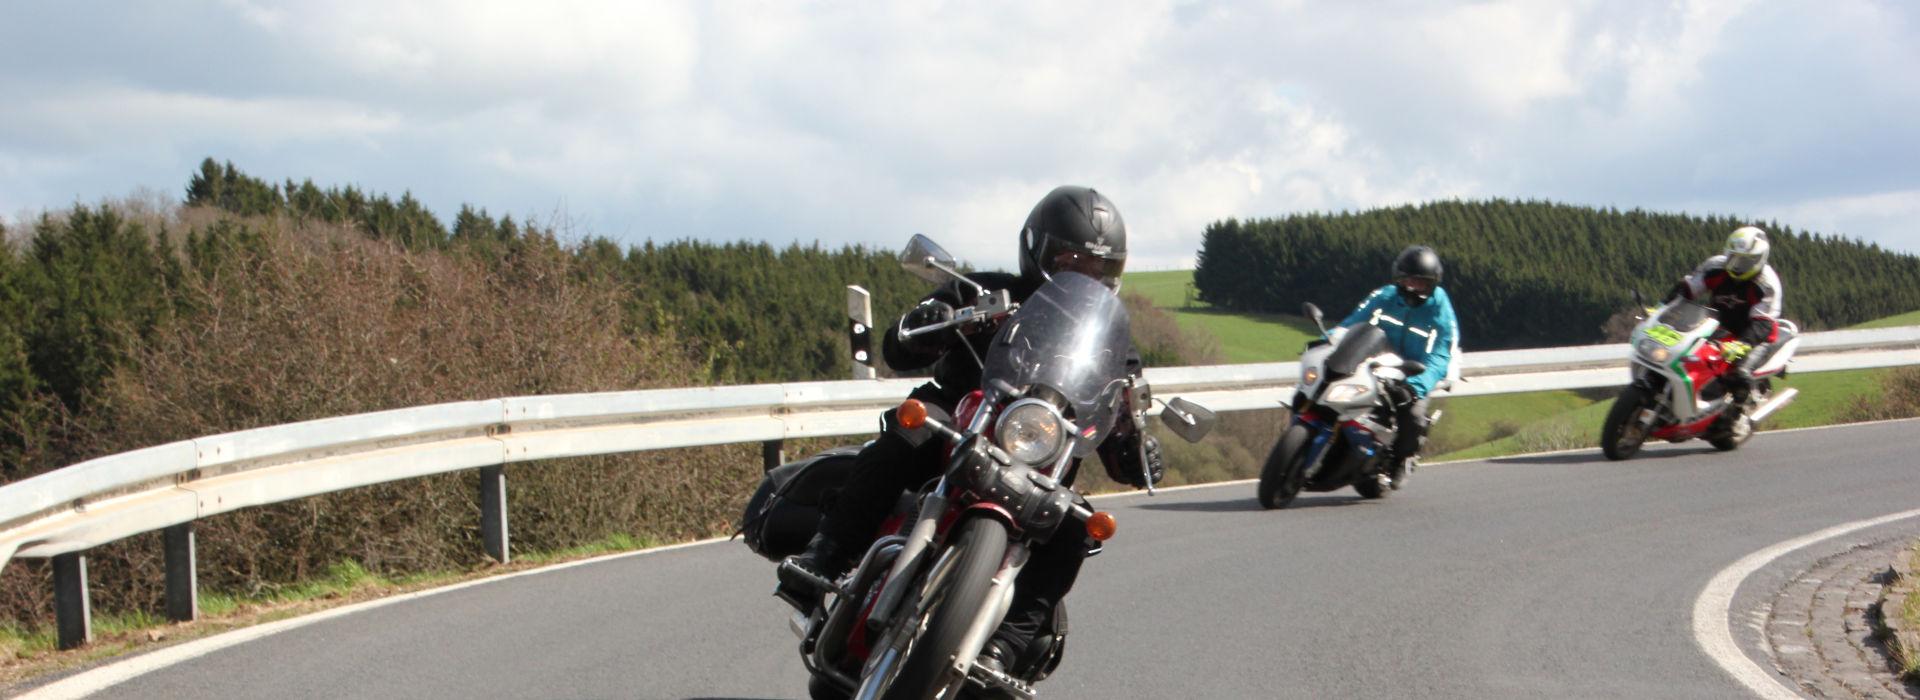 Motorrijbewijspoint Leiderdorp spoed motorrijbewijs